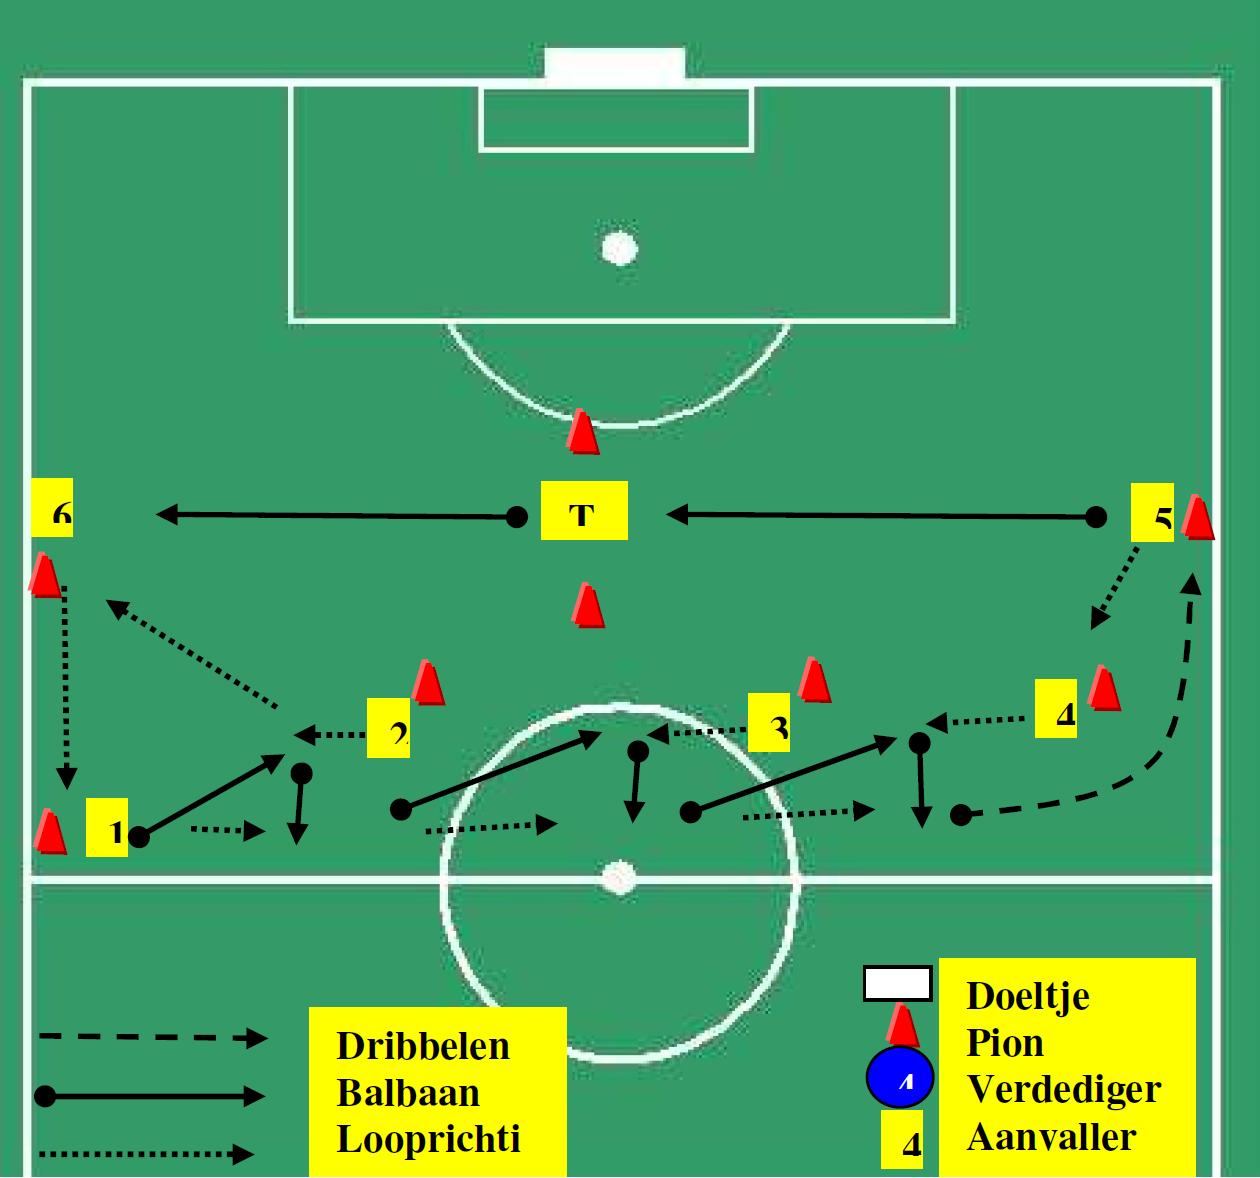 1-2-combinatie-met-in-de-bal-komen-gevolgd-door-een-lange-trap